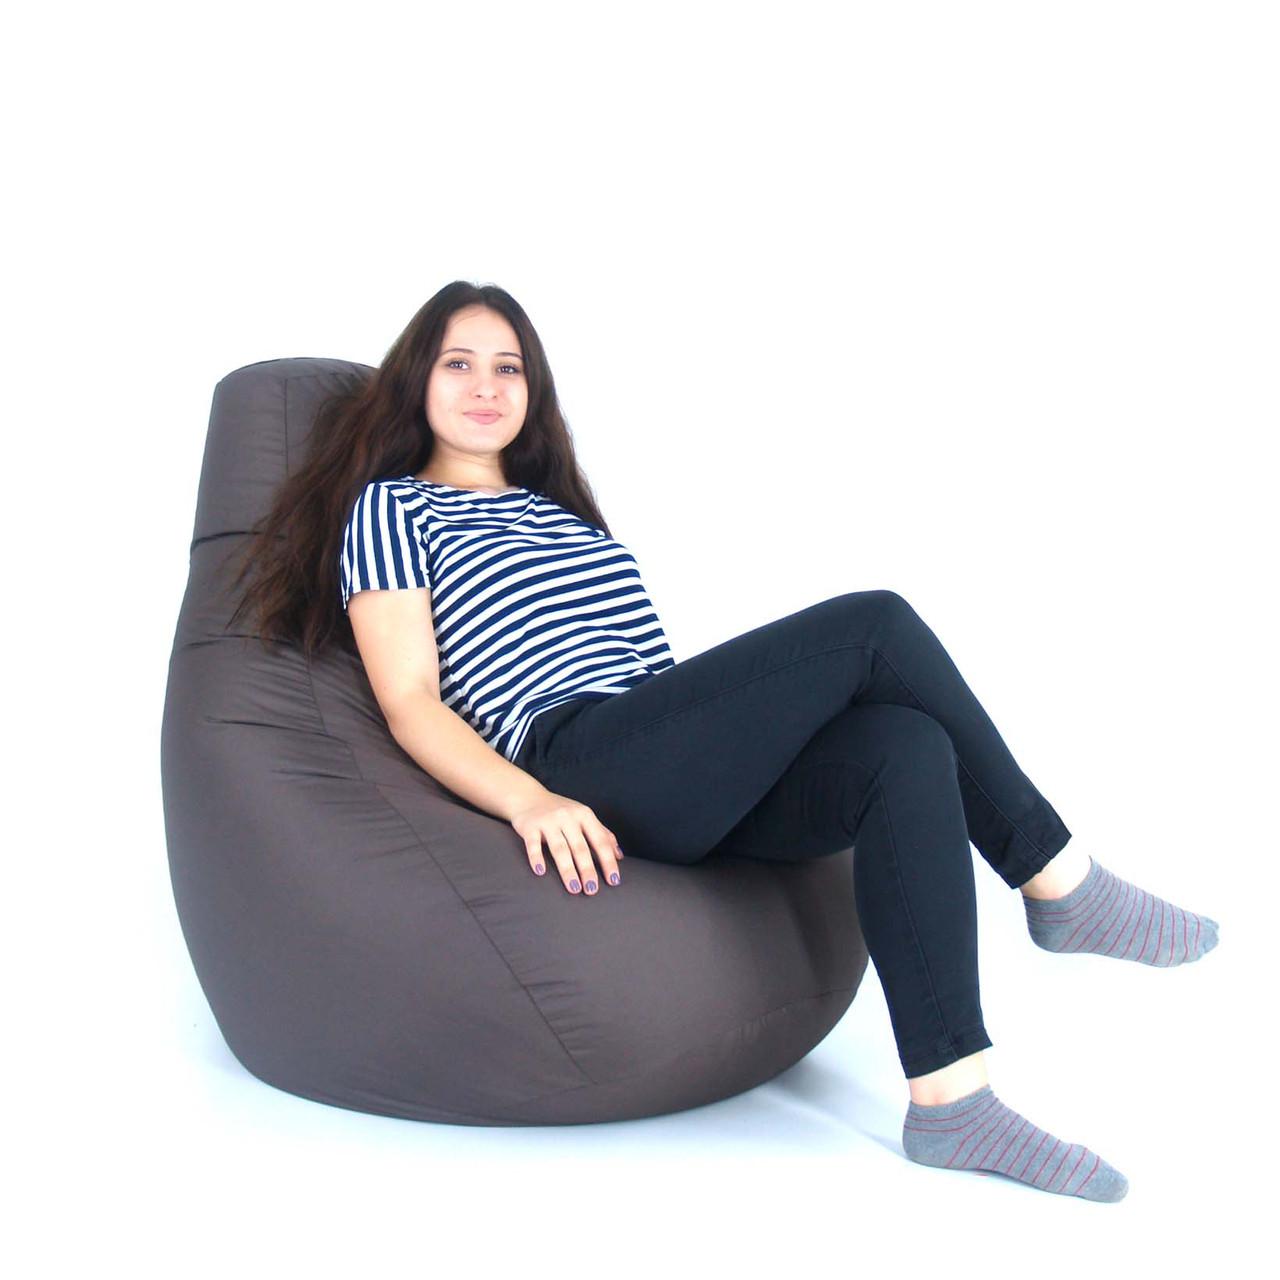 Кресло Мешок, бескаркасное кресло Груша от S до XXL